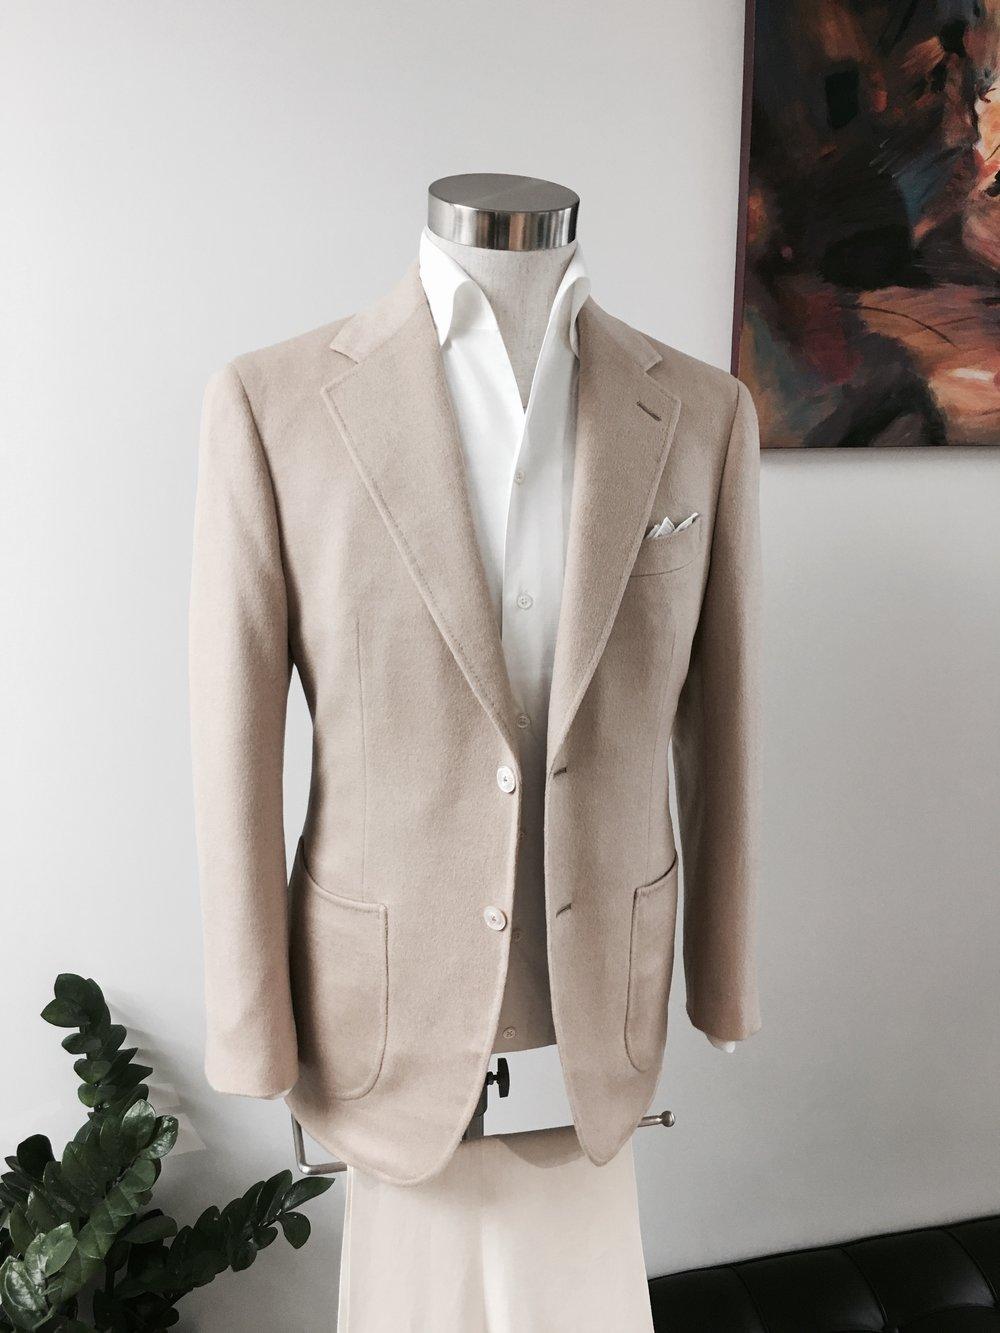 Seasonal Leisure Wear in Bactrian Baby Camel Hair. From HK$18,000.    Leisure Shirt in Swiss Cotton. From HK$3,500.